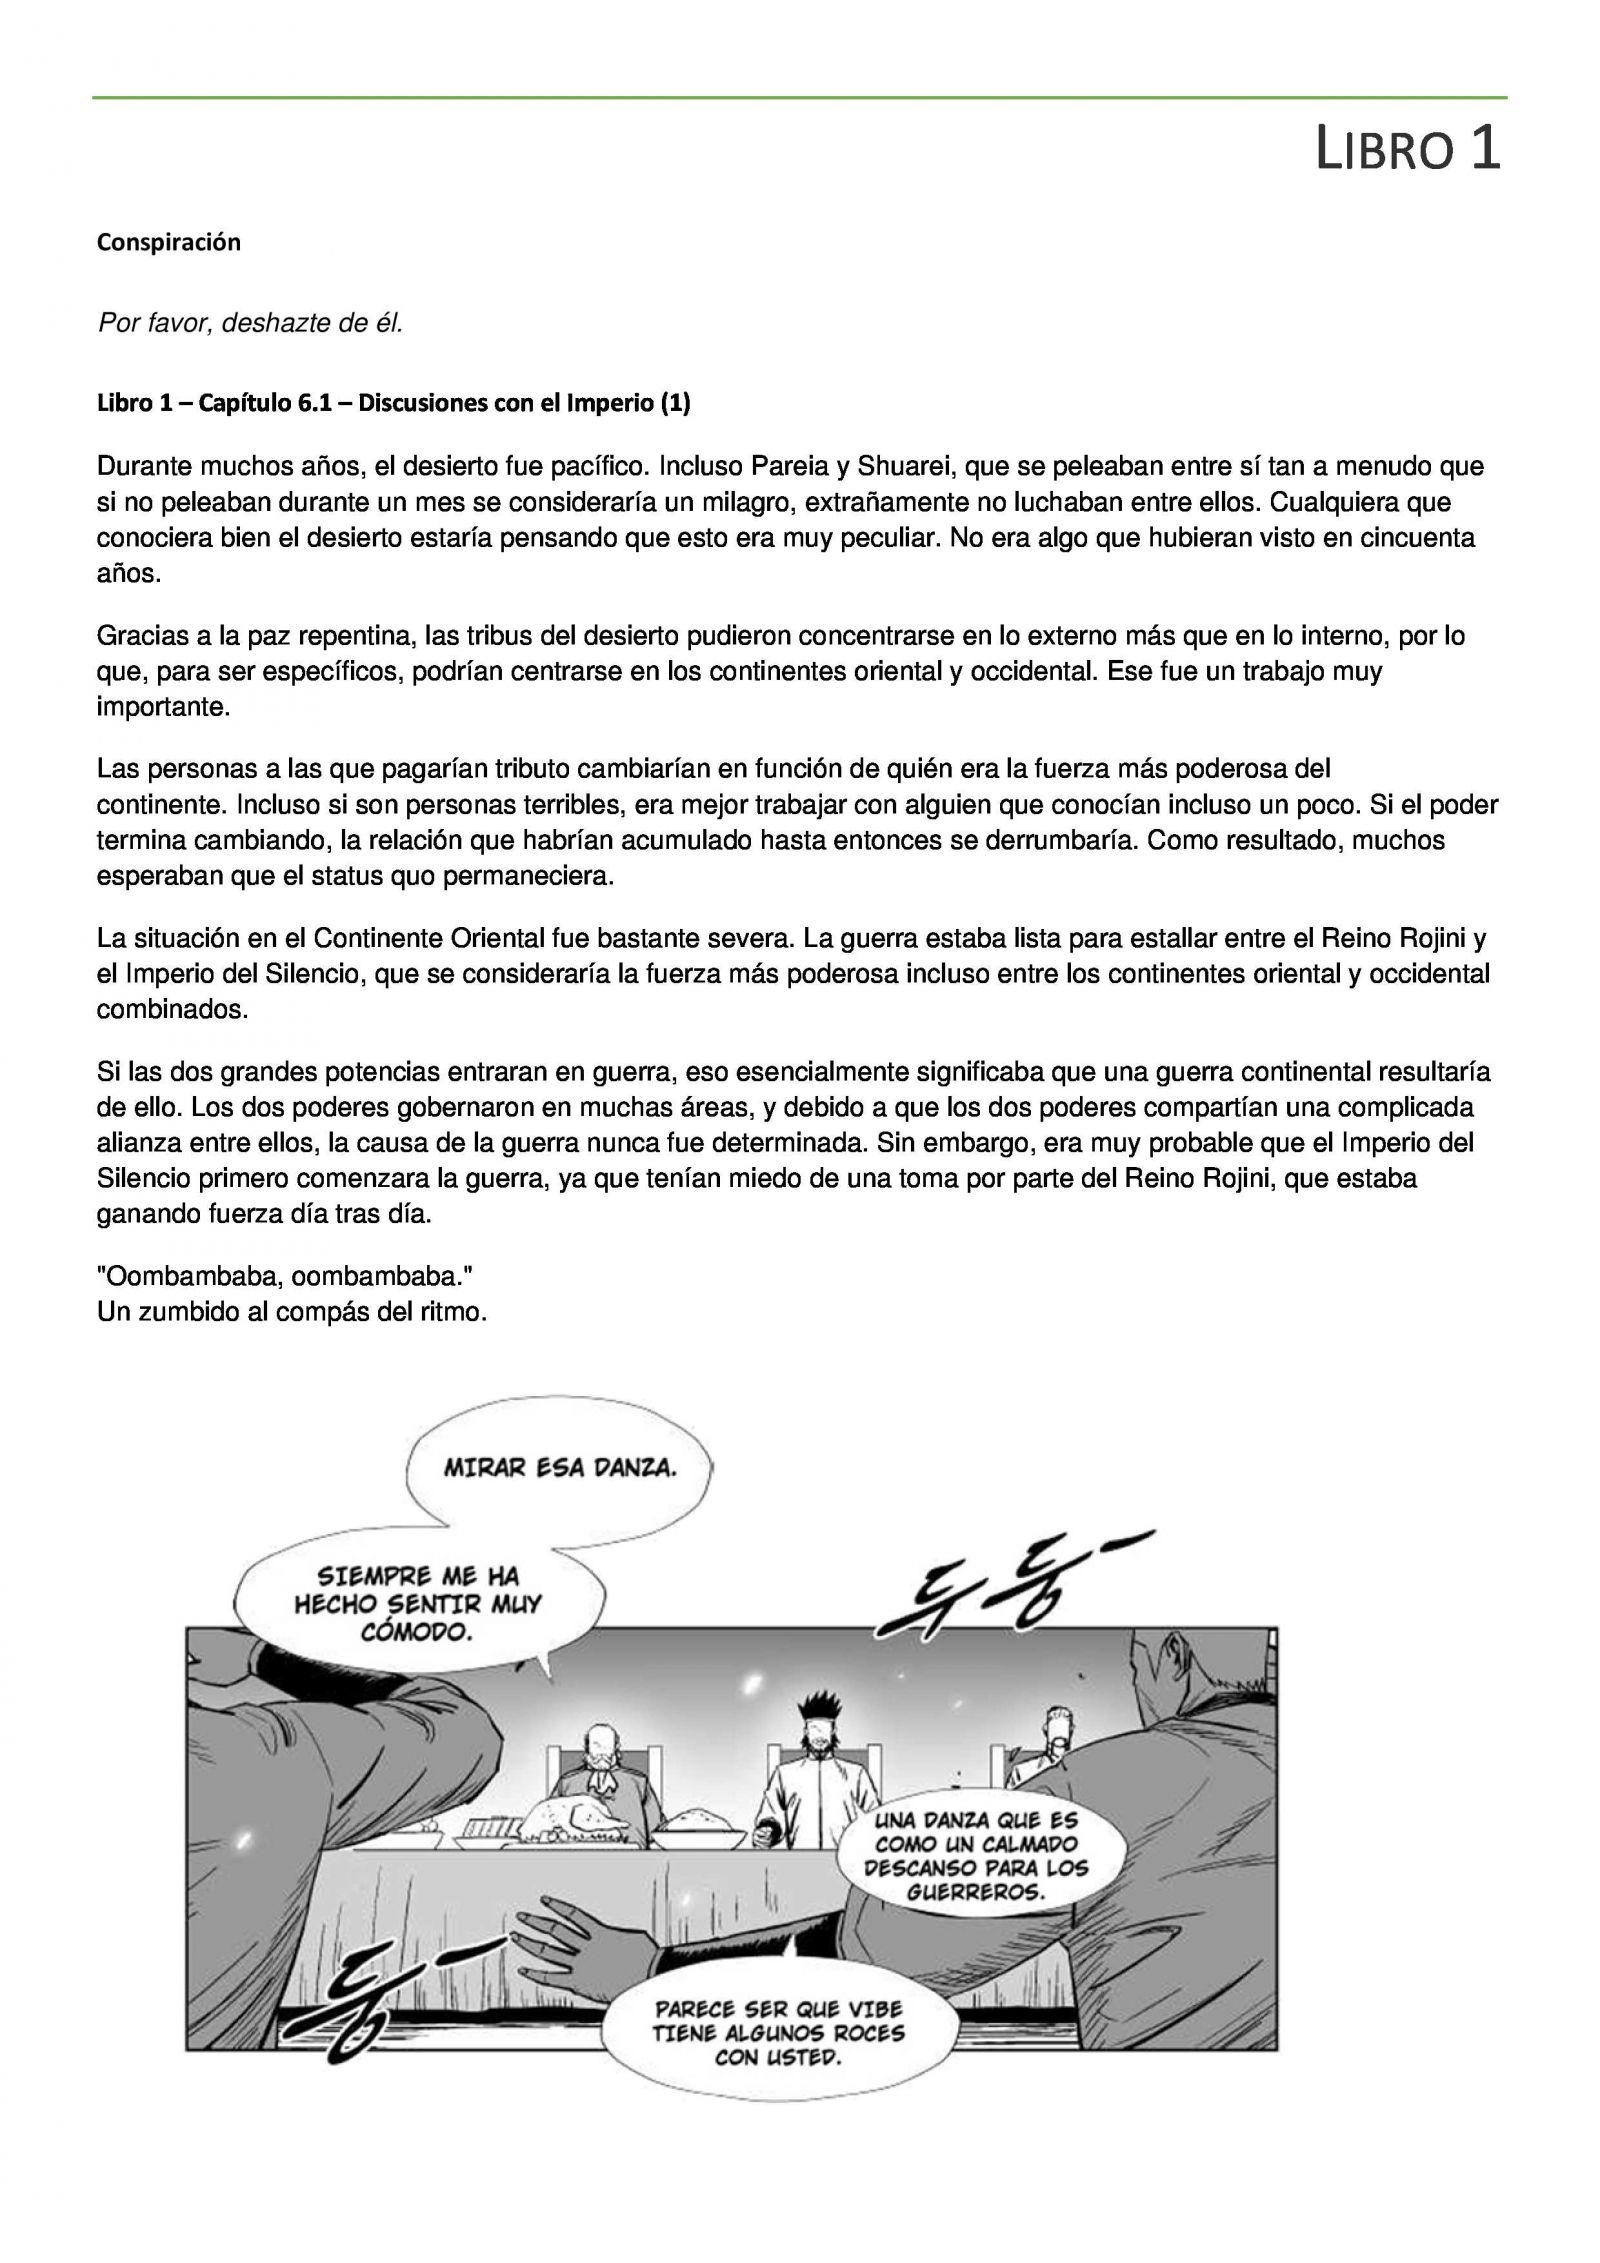 https://c9.mangatag.com/es_manga/pic4/55/24695/627304/116b64bdf2017cde672665fc96b98dcb.jpg Page 1